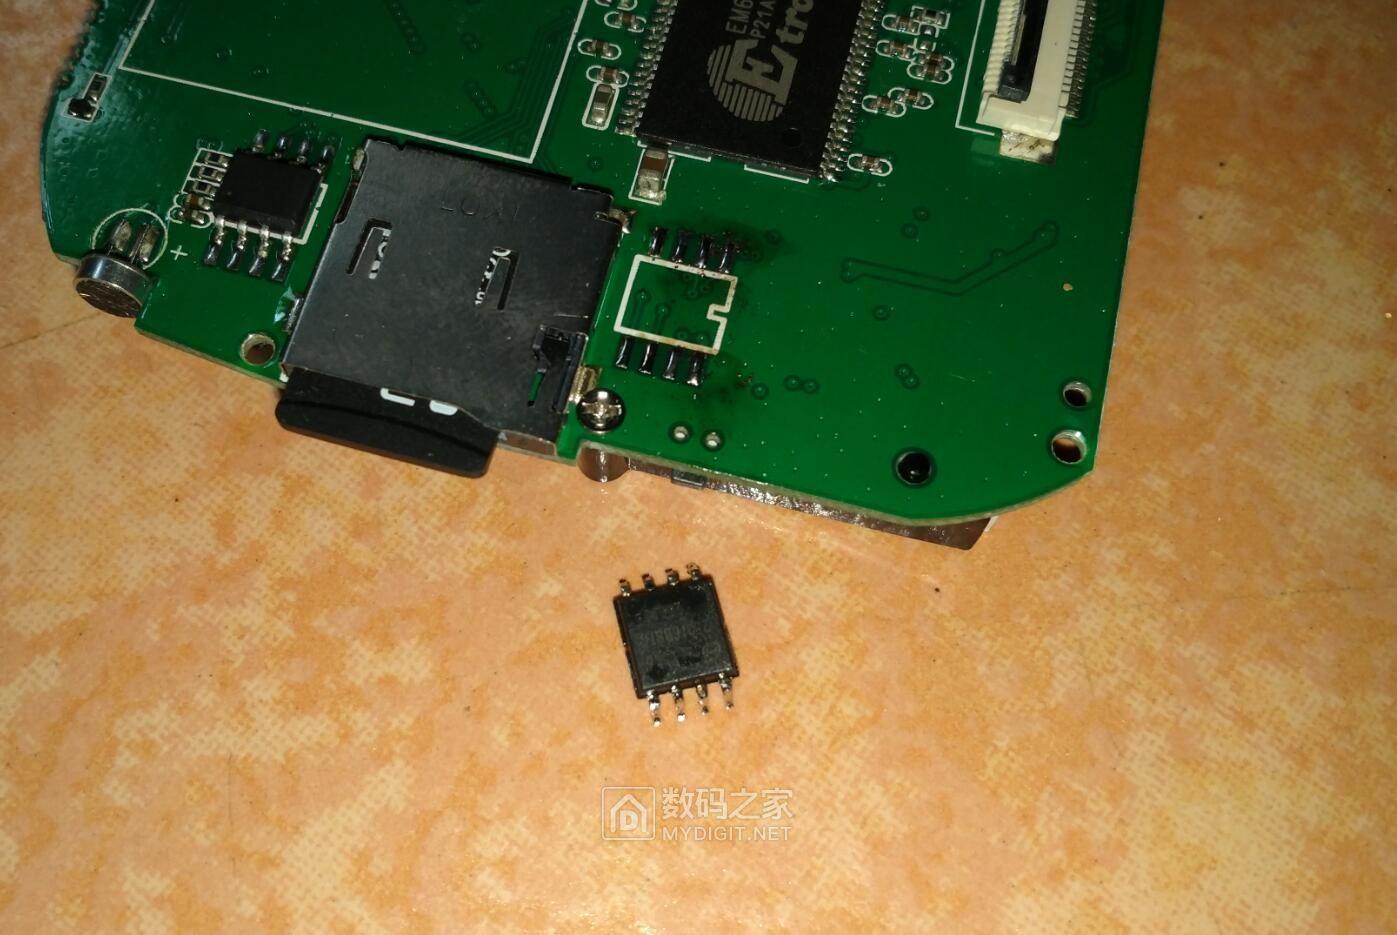 联想行车记录仪V35 拆解、备份固件、换电池 (NT96220FG+OV9712)